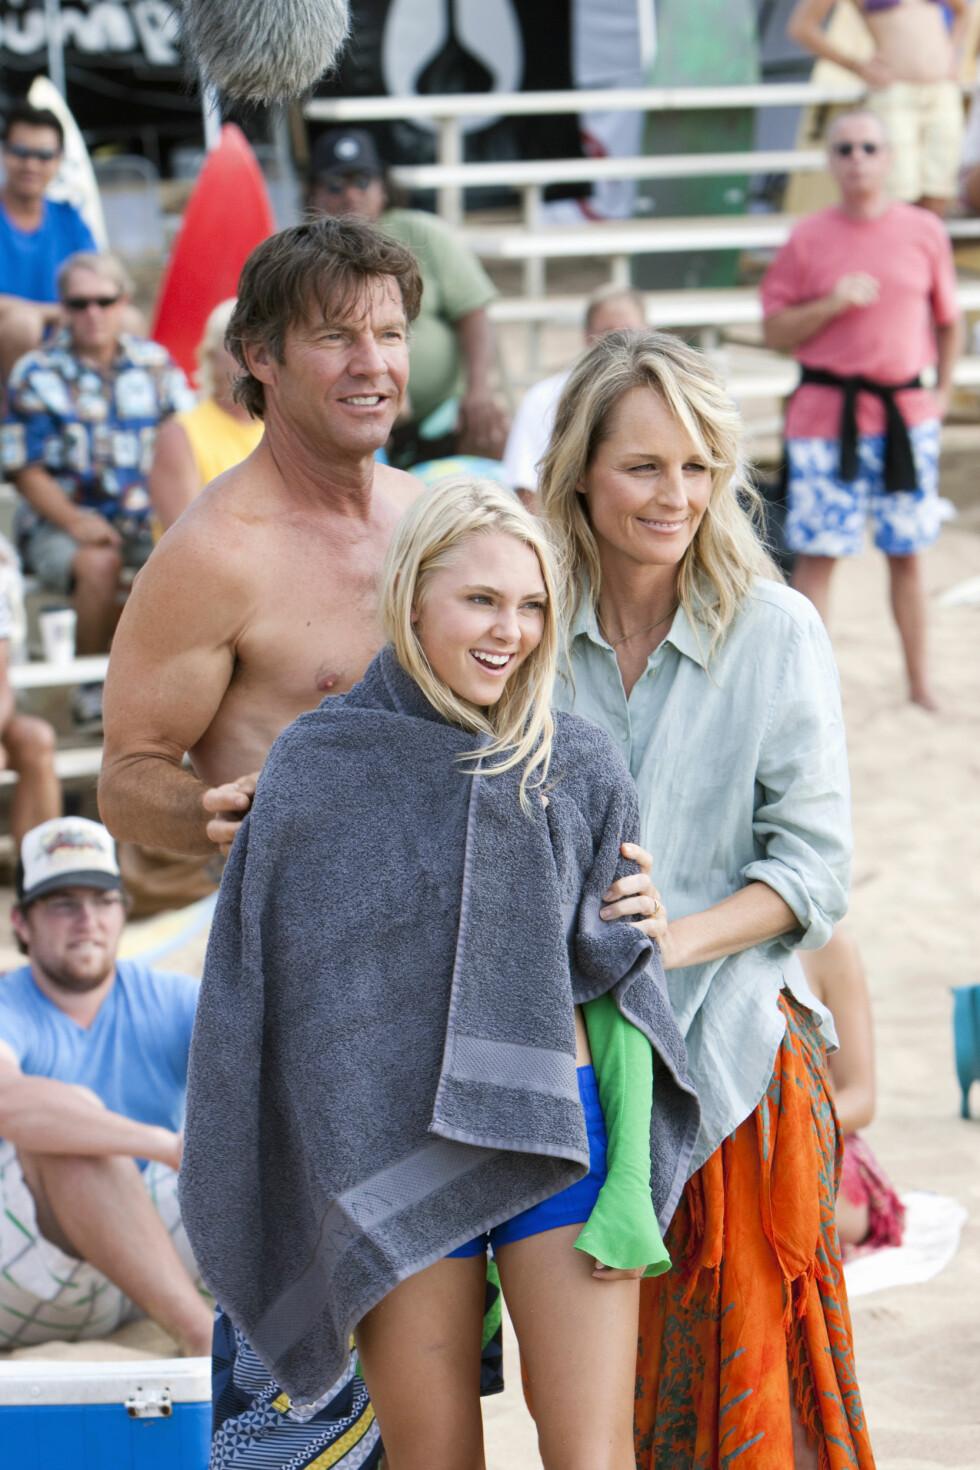 BLE FILM: I 2011 kom filmen «Soul Surfer» ut med Dennis Quaid, Anna Sophia Robb og Helen Hunt i rollene som far Thomas, Bethany og mor Cherilyn. Foto: NTB Scanpix